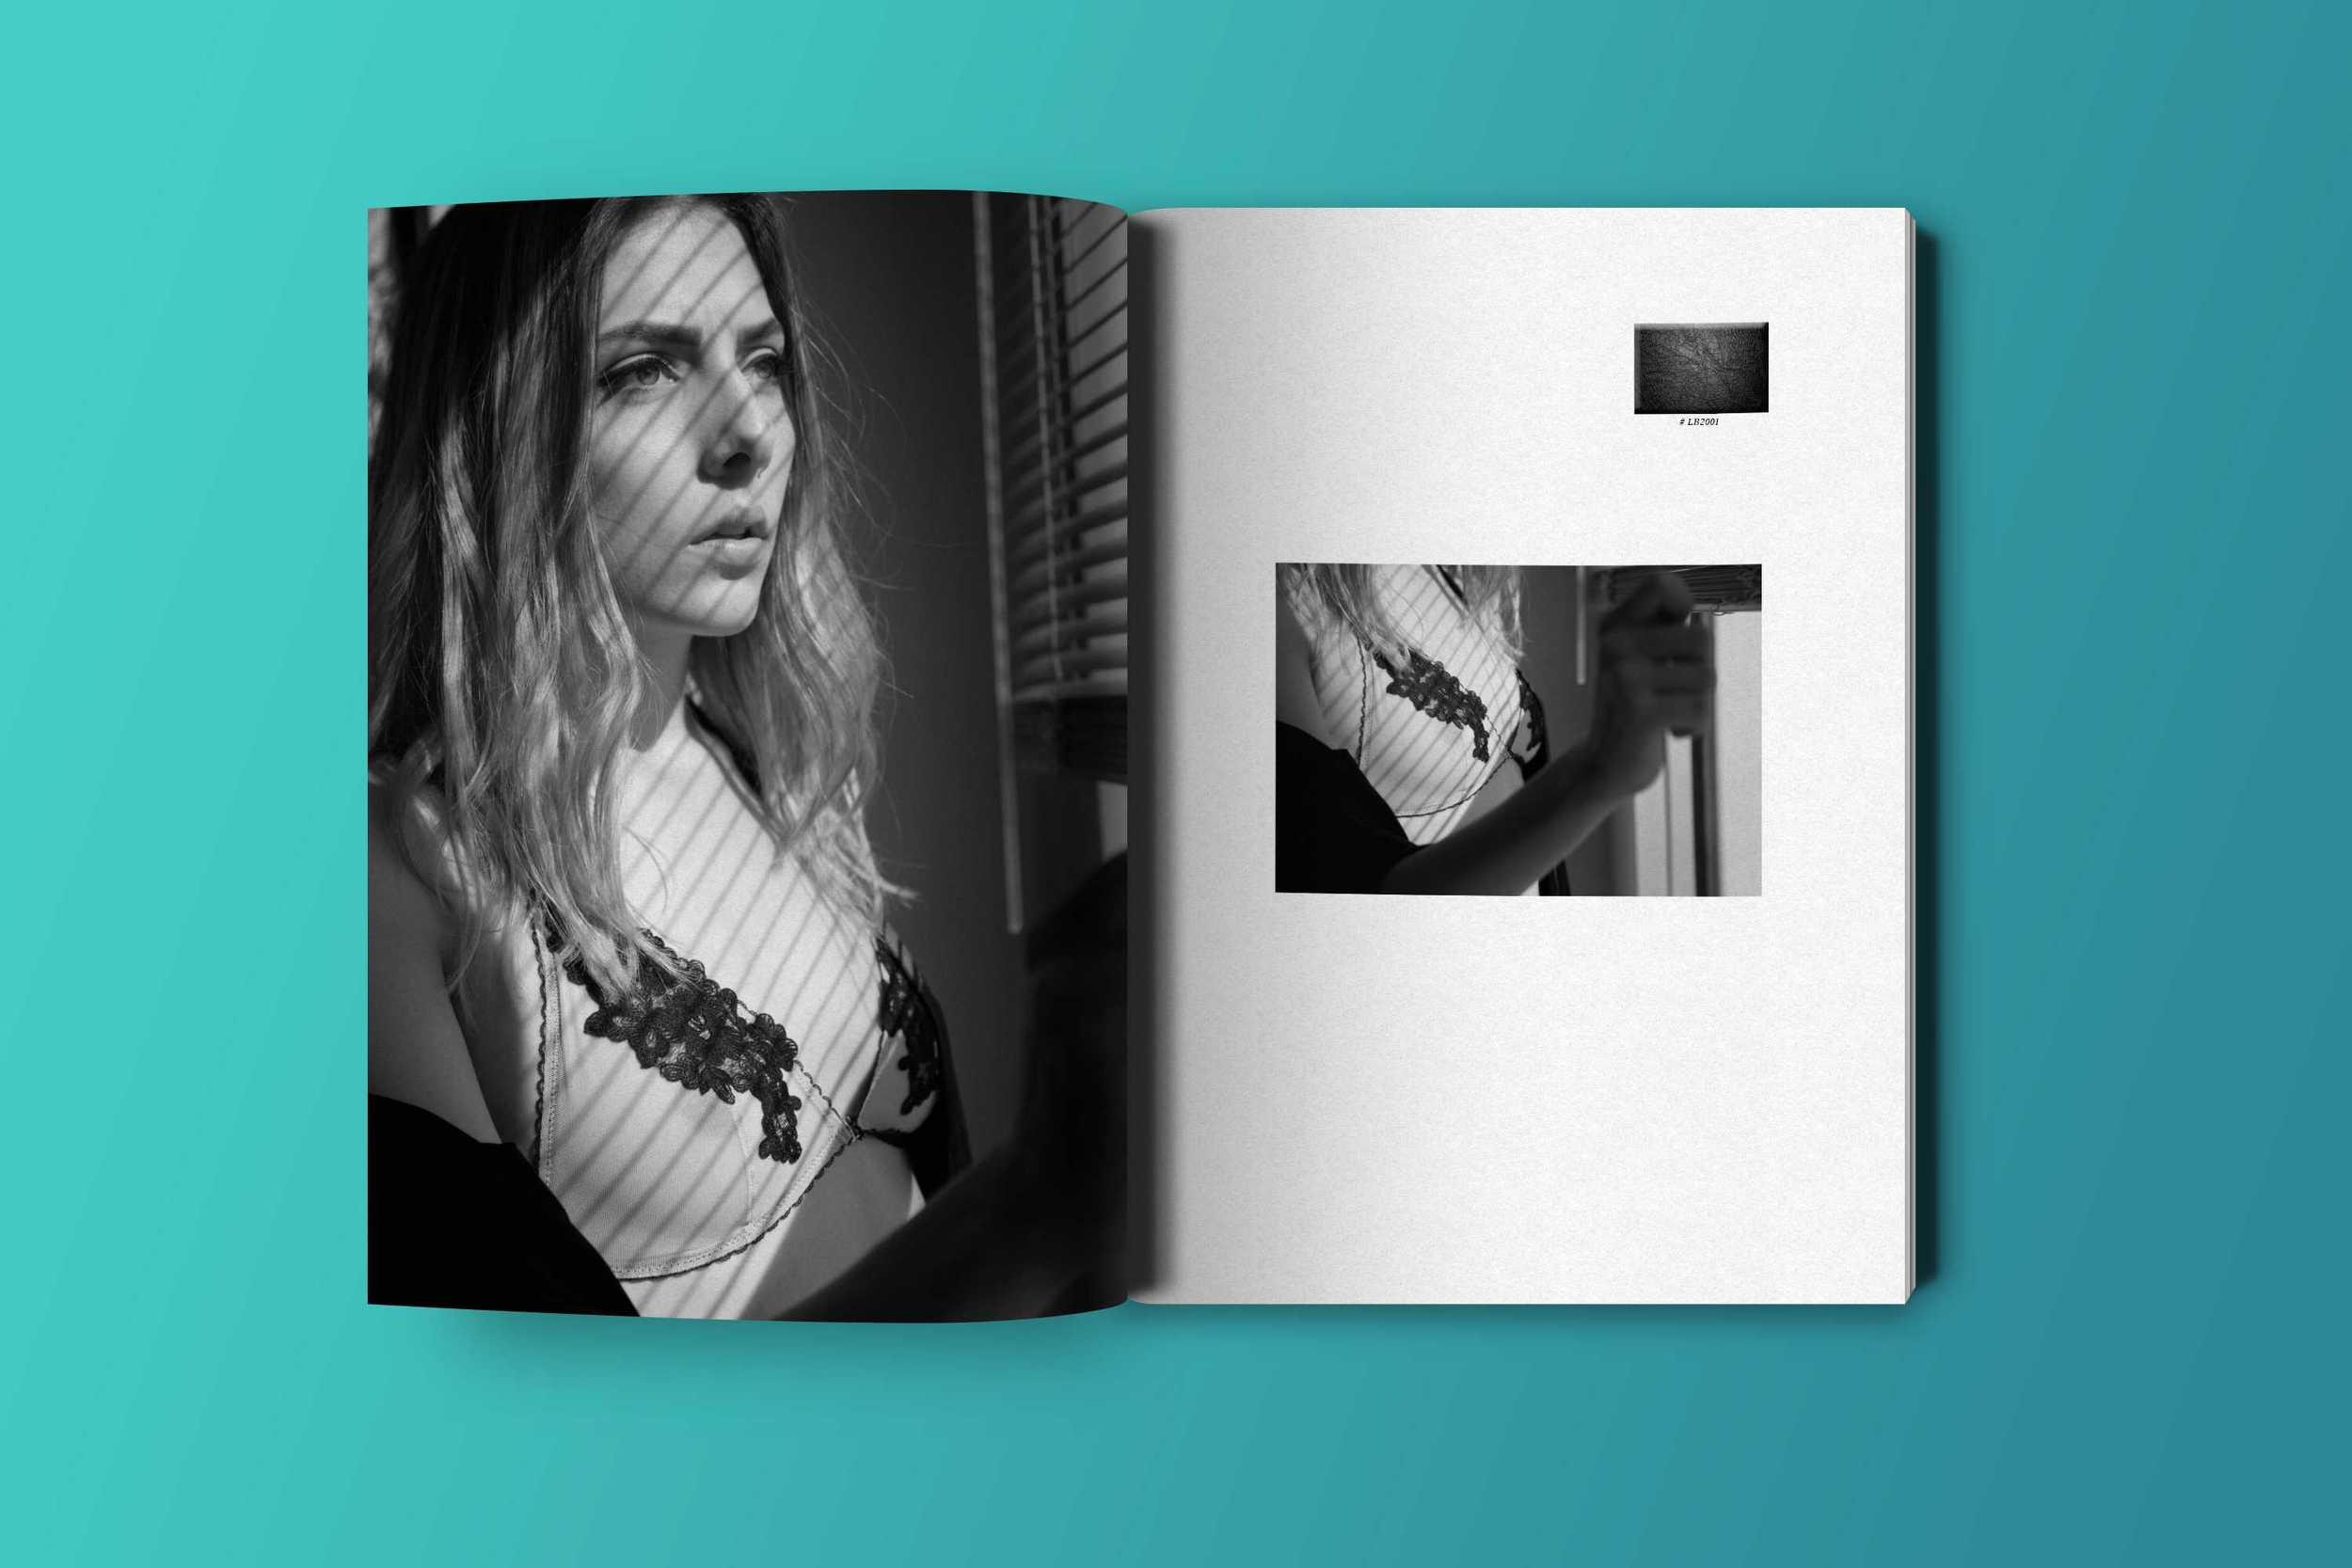 Book_p6_aug16.jpg